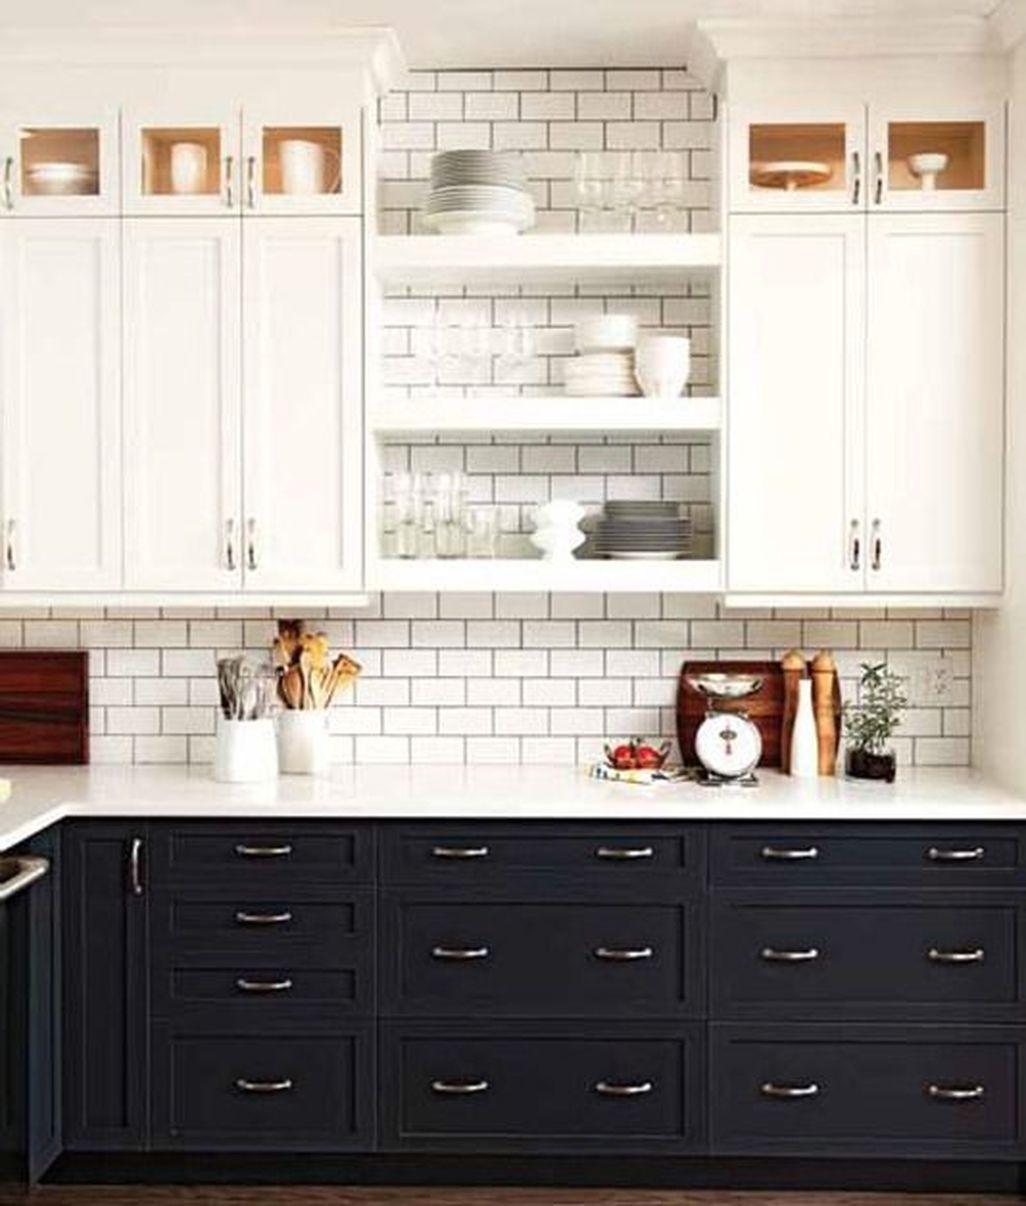 Best White Kitchen Cabinet Design Ideas 01